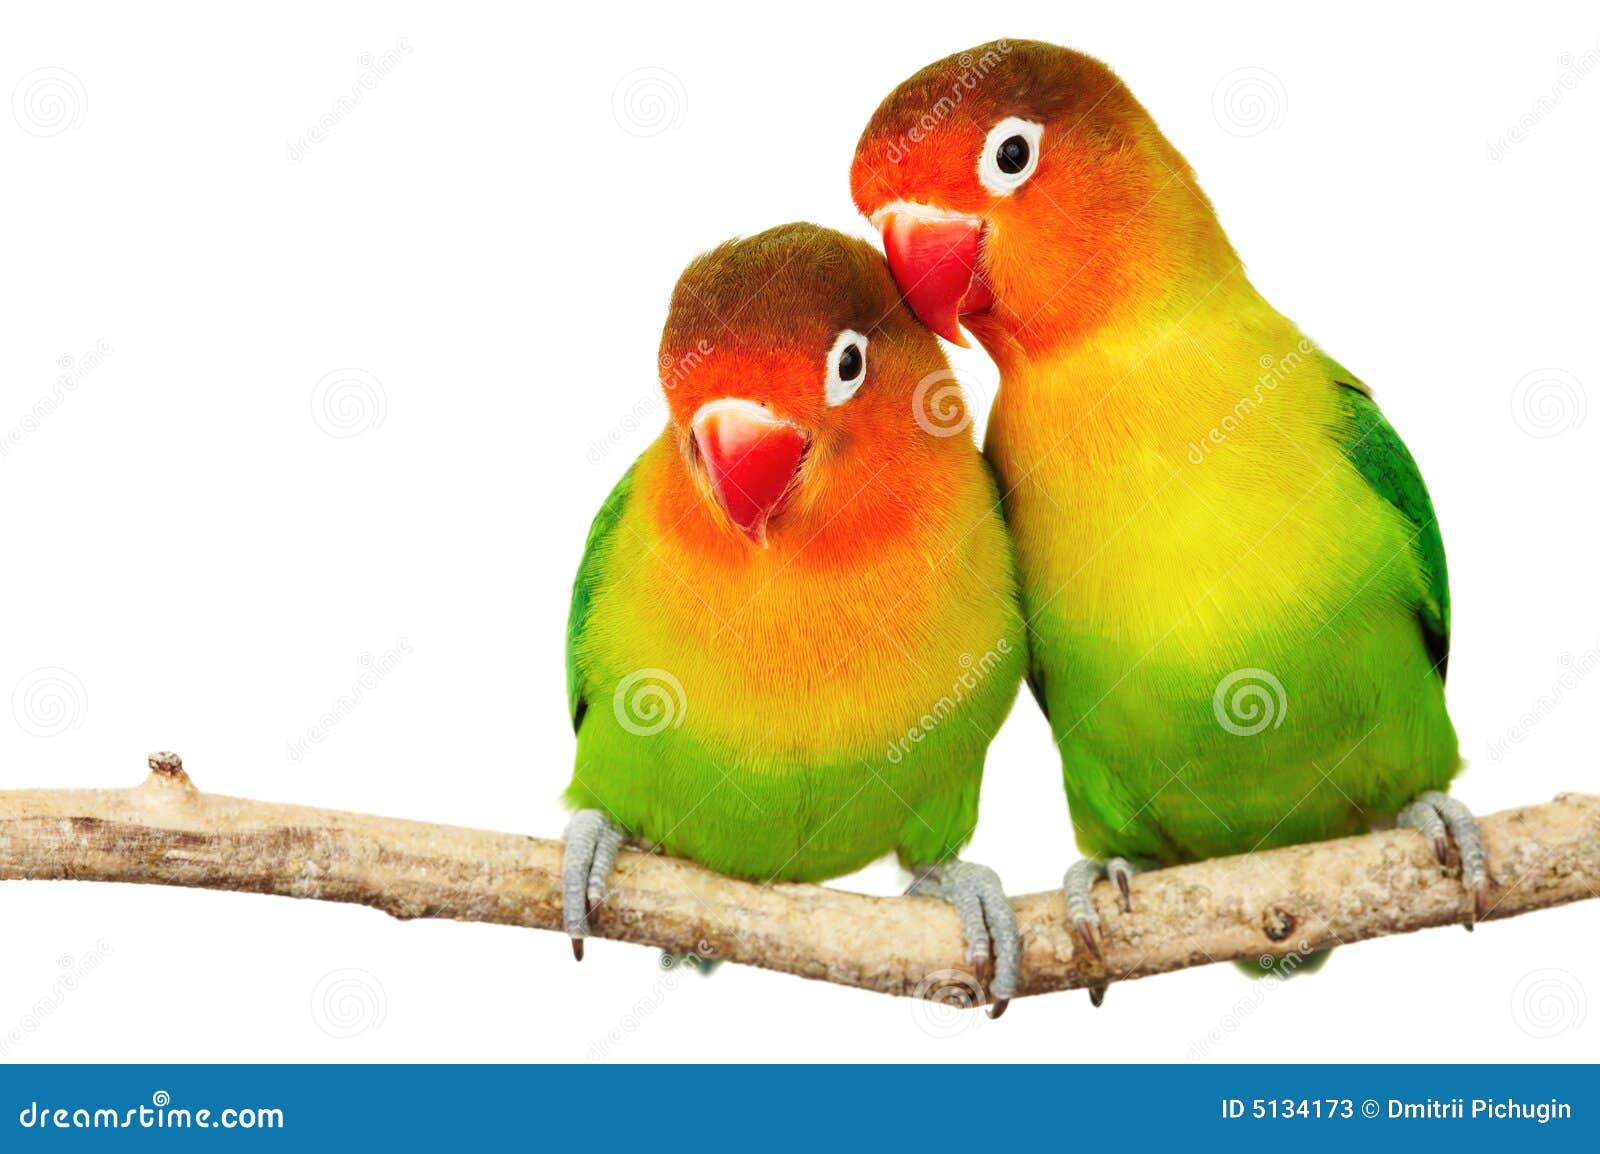 Citaten Love Bird : Pair of lovebirds stock image little isolated